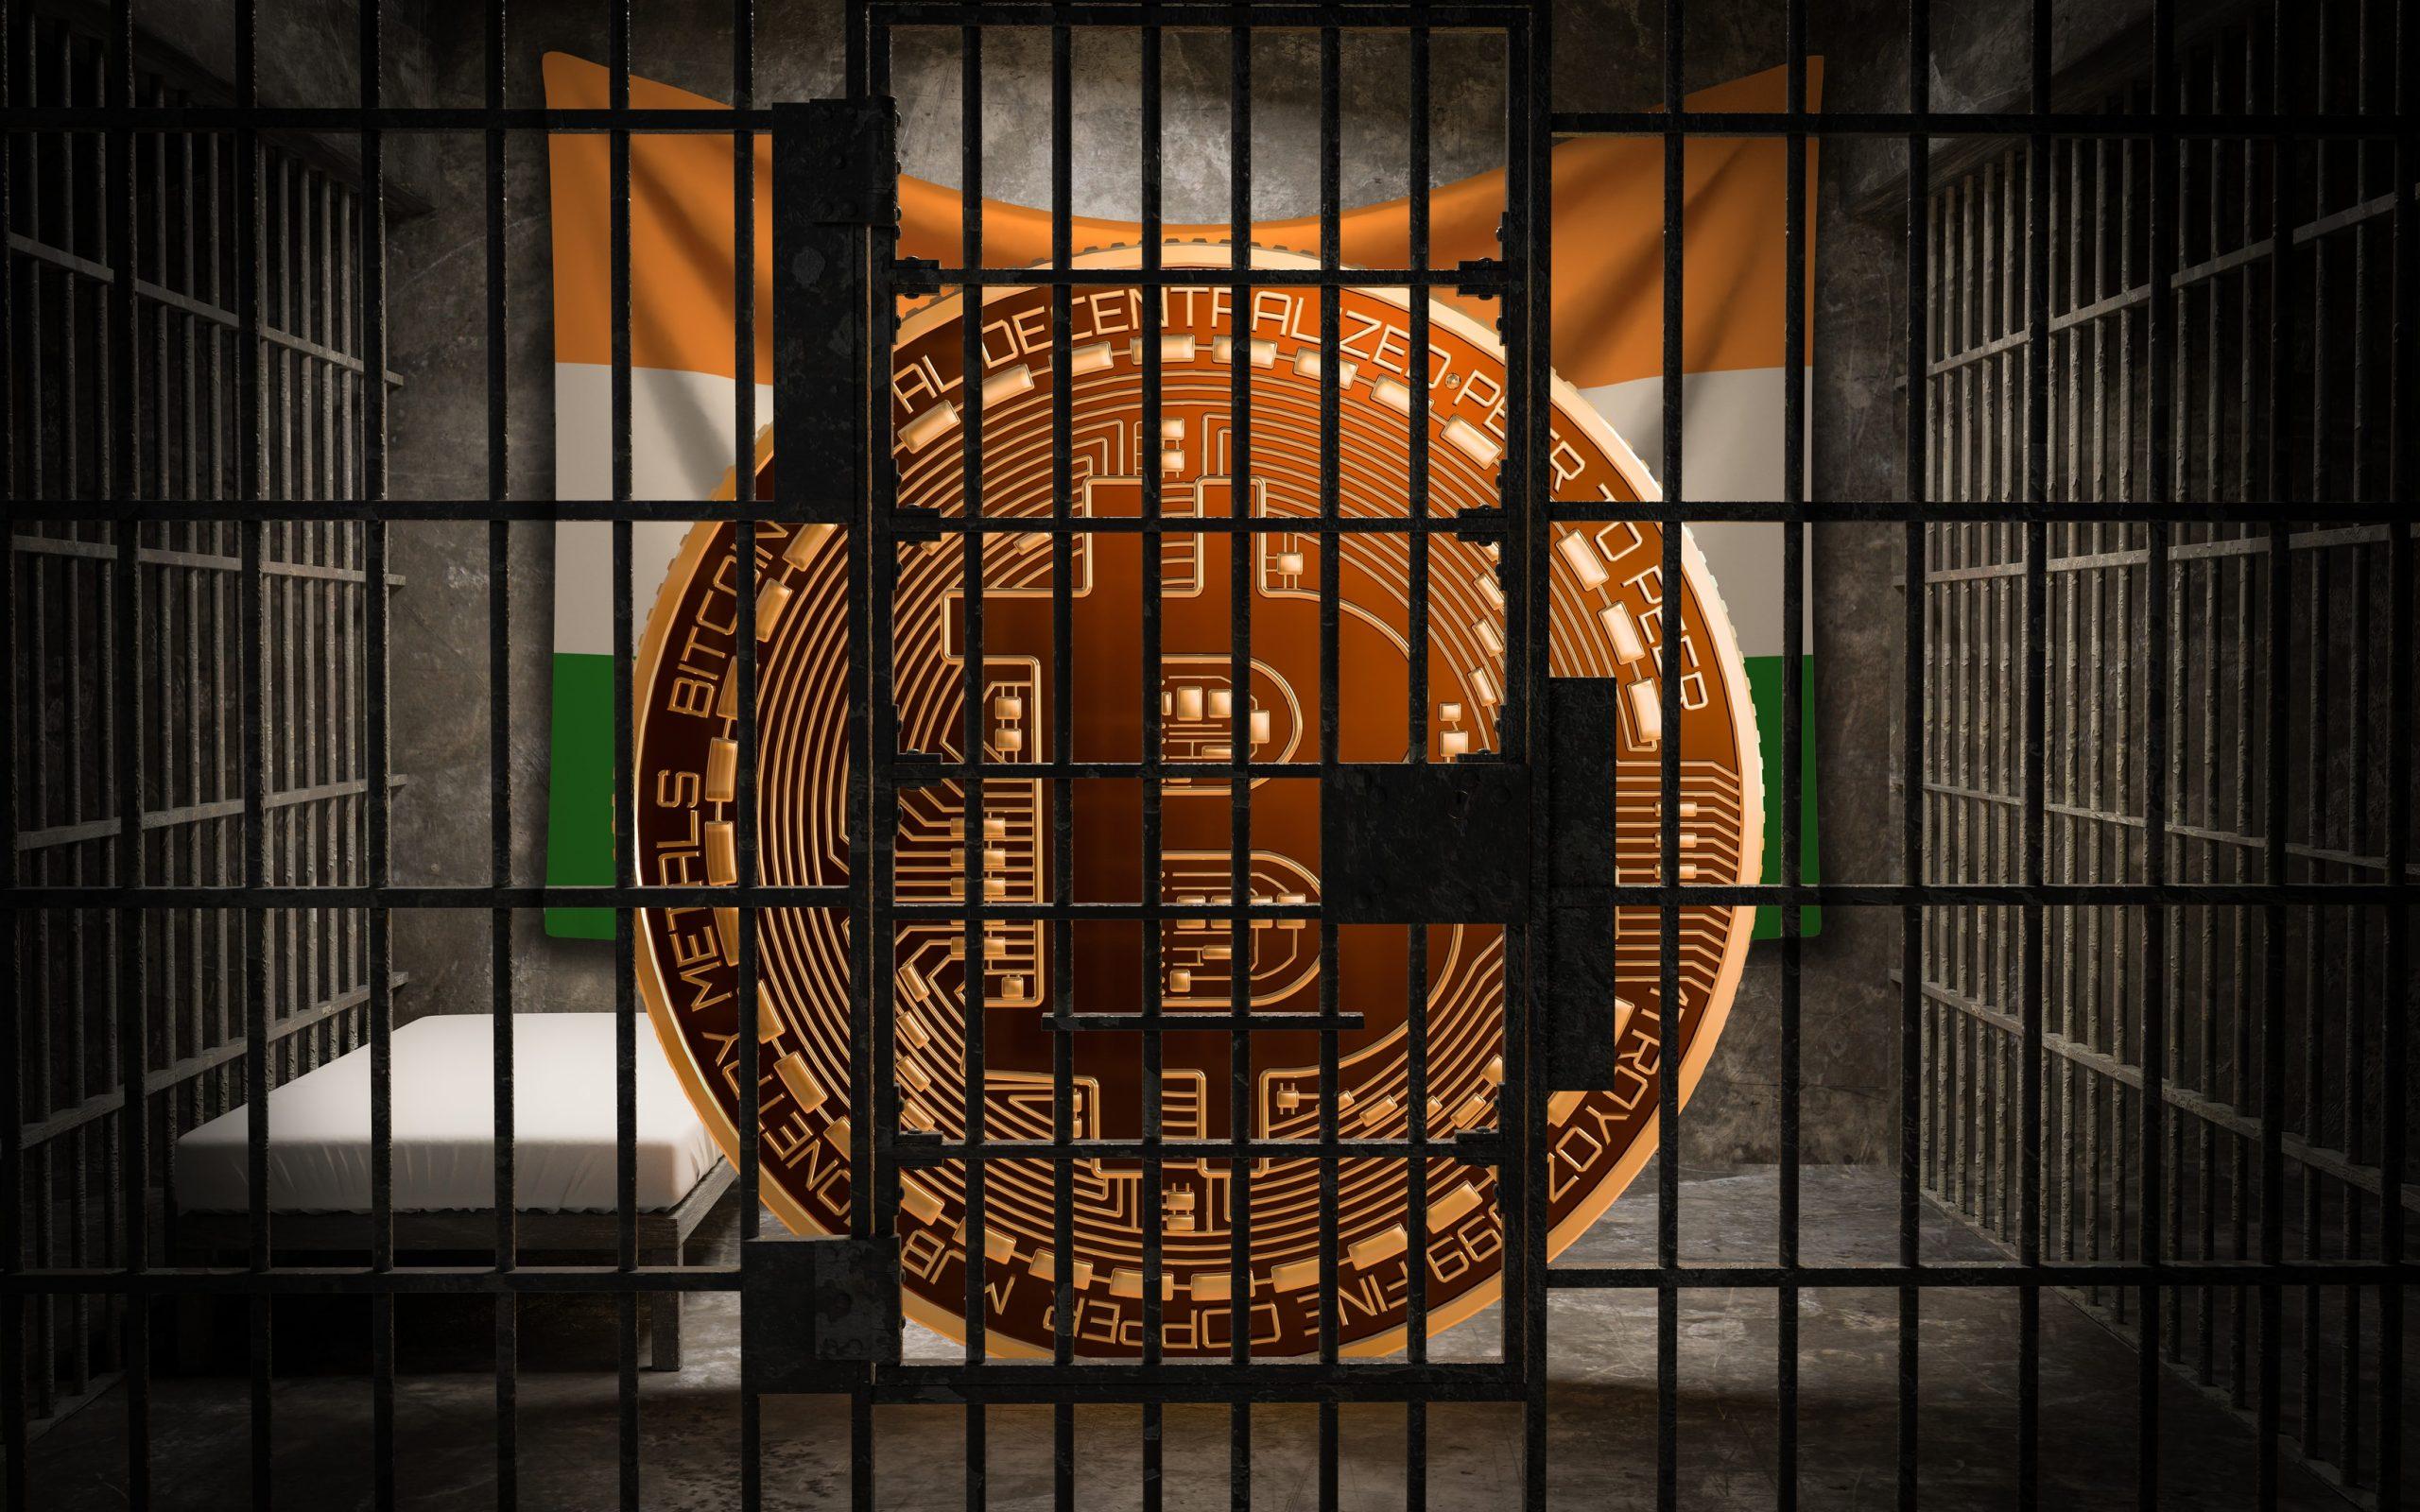 Krypto-Verbot in Indien rückt durch neues Gesetz näher - BTC-ECHO | Bitcoin & Blockchain Pioneers